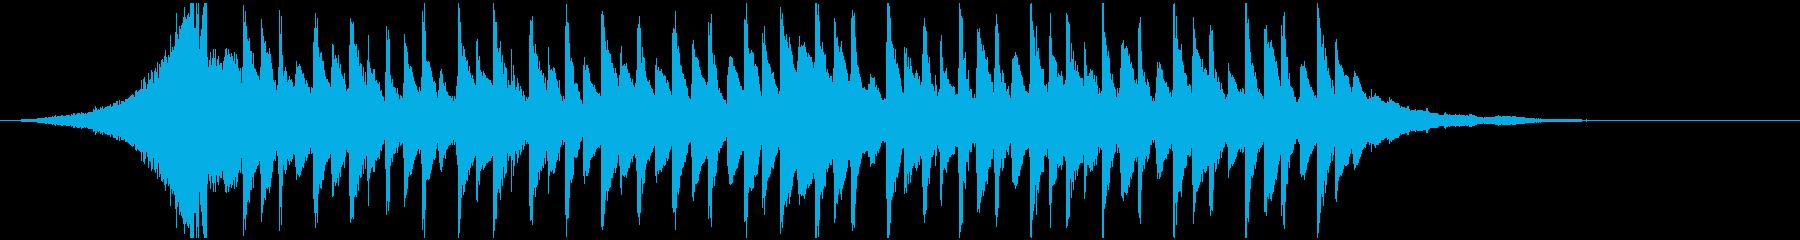 【爽やか】企業VPや映像に透明感POPSの再生済みの波形